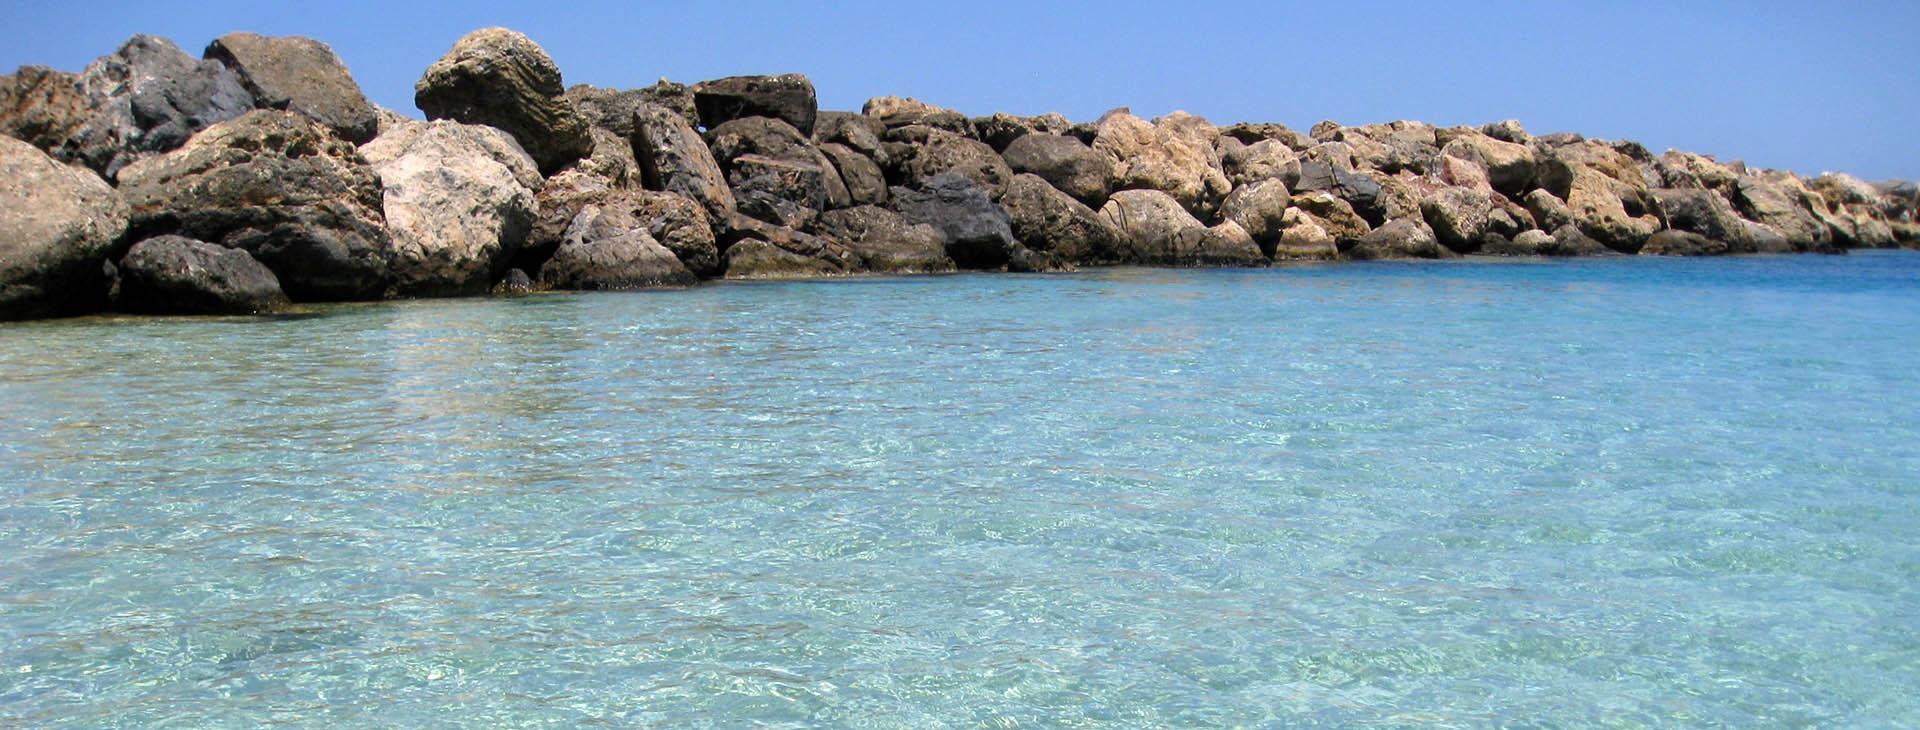 Kimatothraustis beach, Kassos island